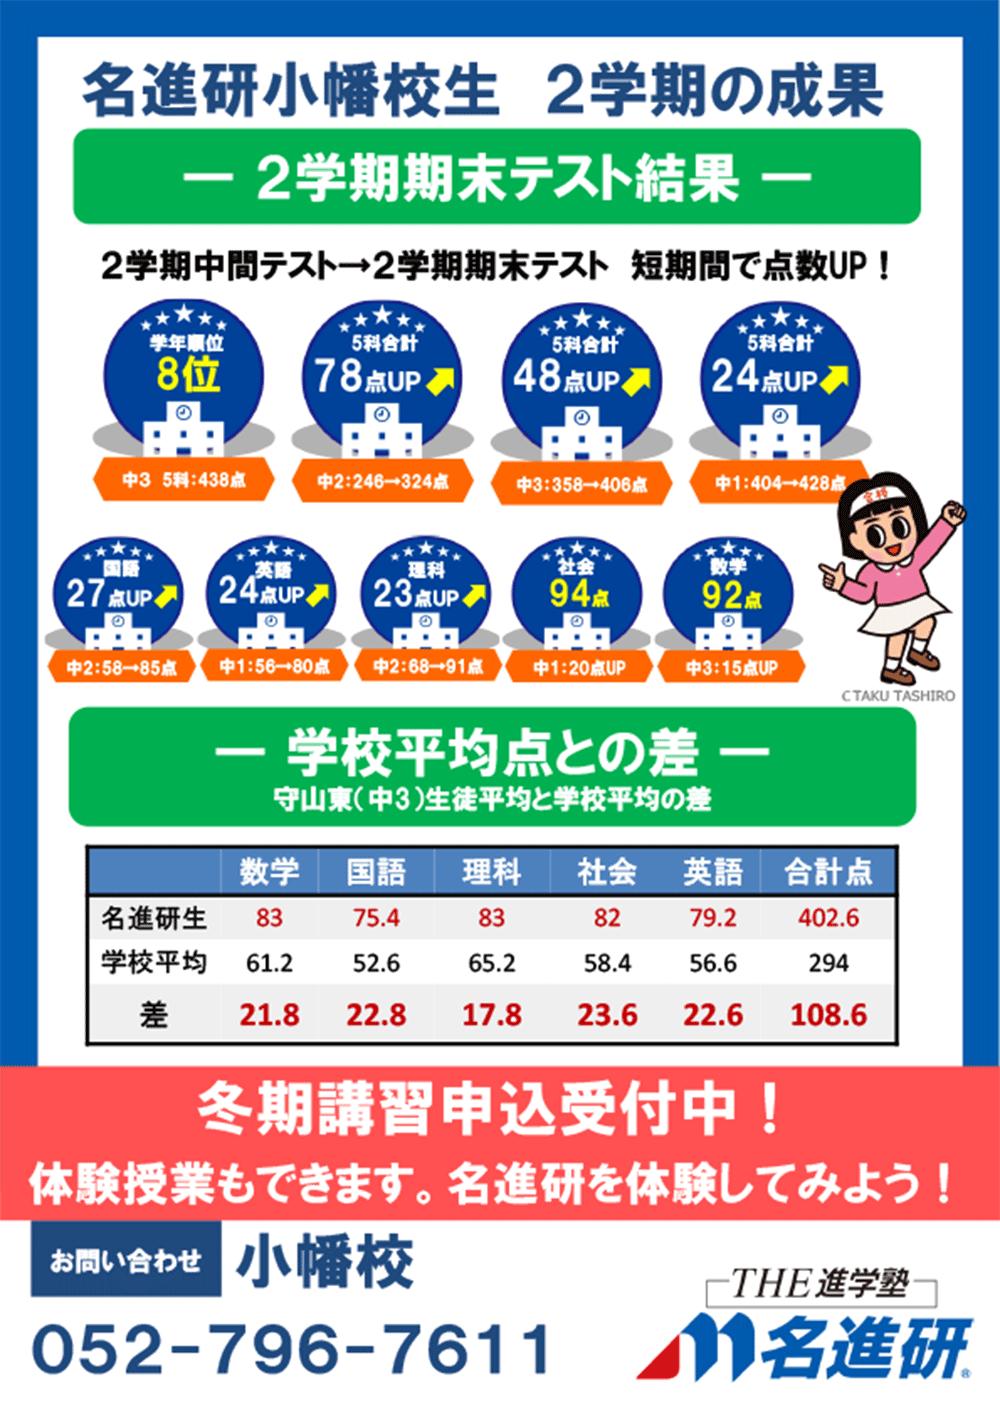 【高校受験コース】2学期期末テスト結果!